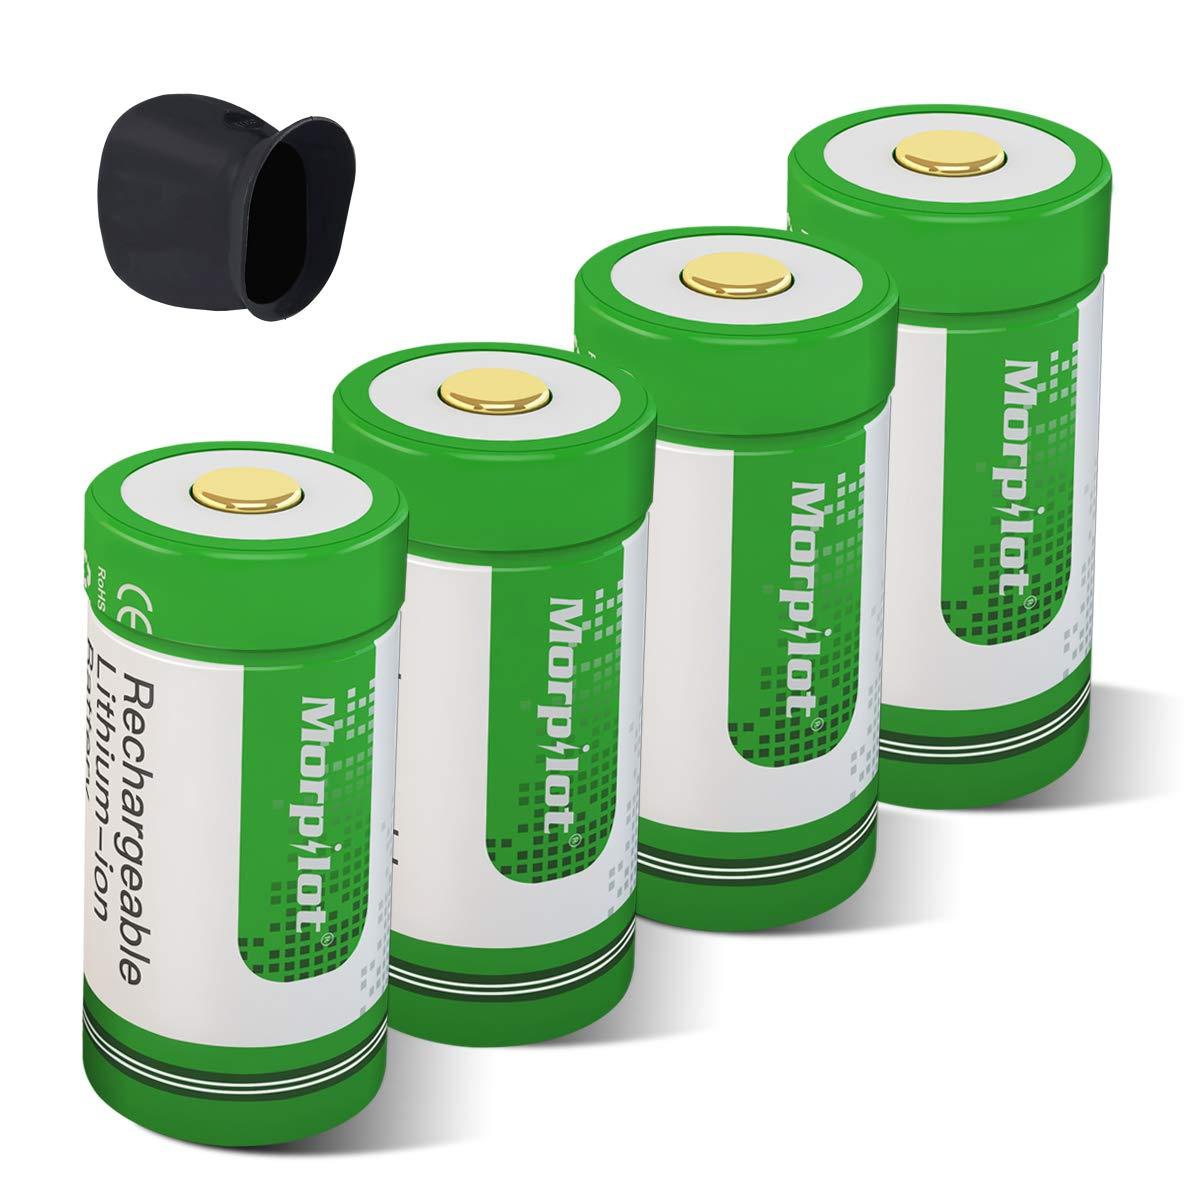 Morpilot 4pcs rcr123 a充電式Arloカメラ、バッテリー700 mAh保護された充電式Li - Ion電池withカメラスキン、バッテリーケースfor Arlo vms3030 /3230 /3330 /3430カメラ B07B6NV5T1